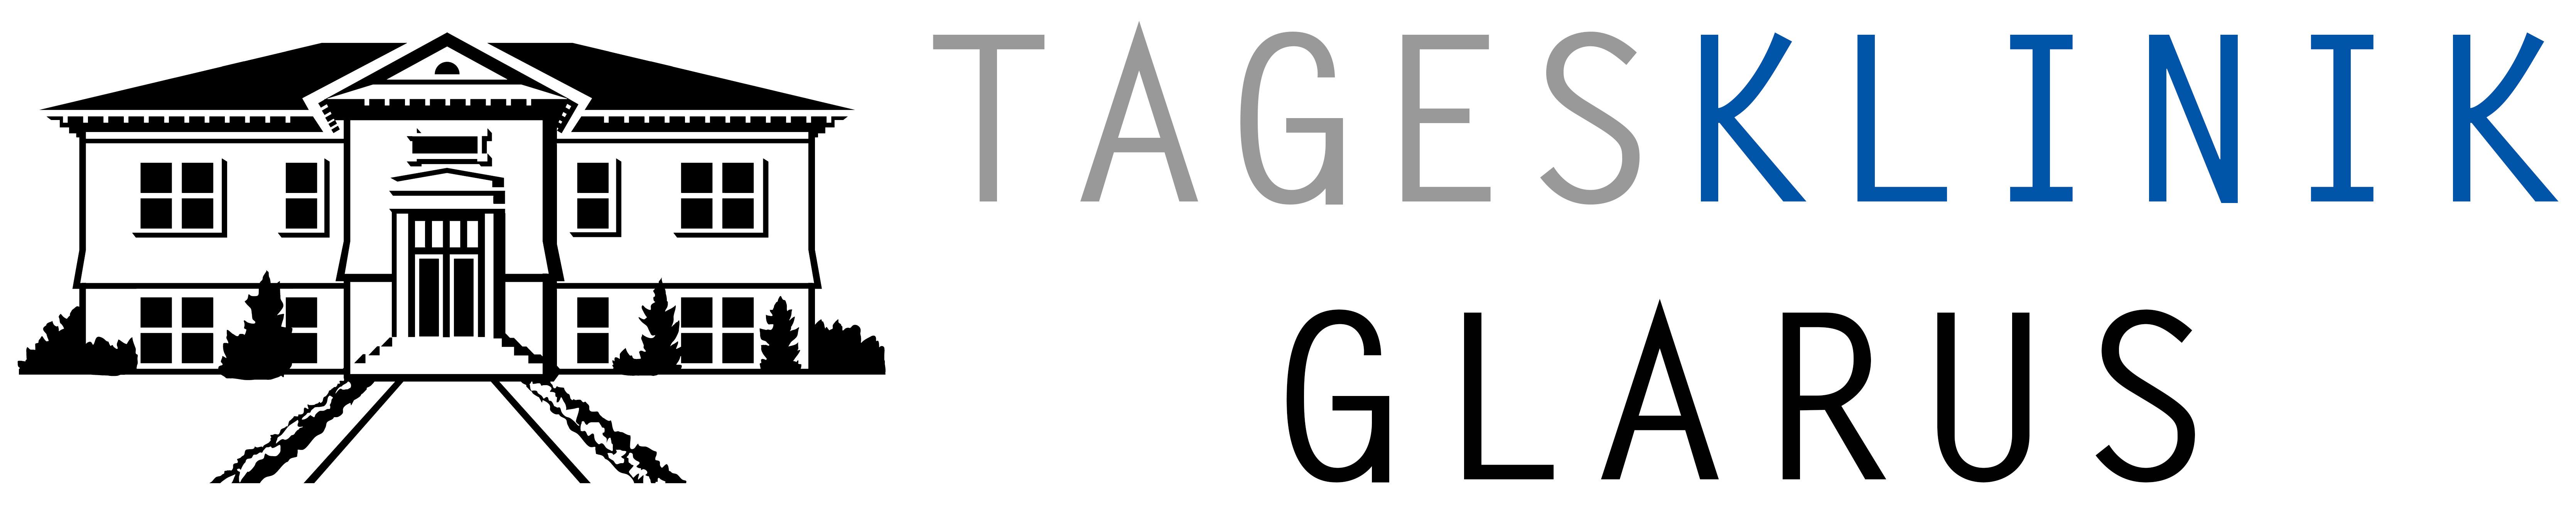 TagesklinikGlarus_Logo_v05_6679x1337px_PlusAlpha